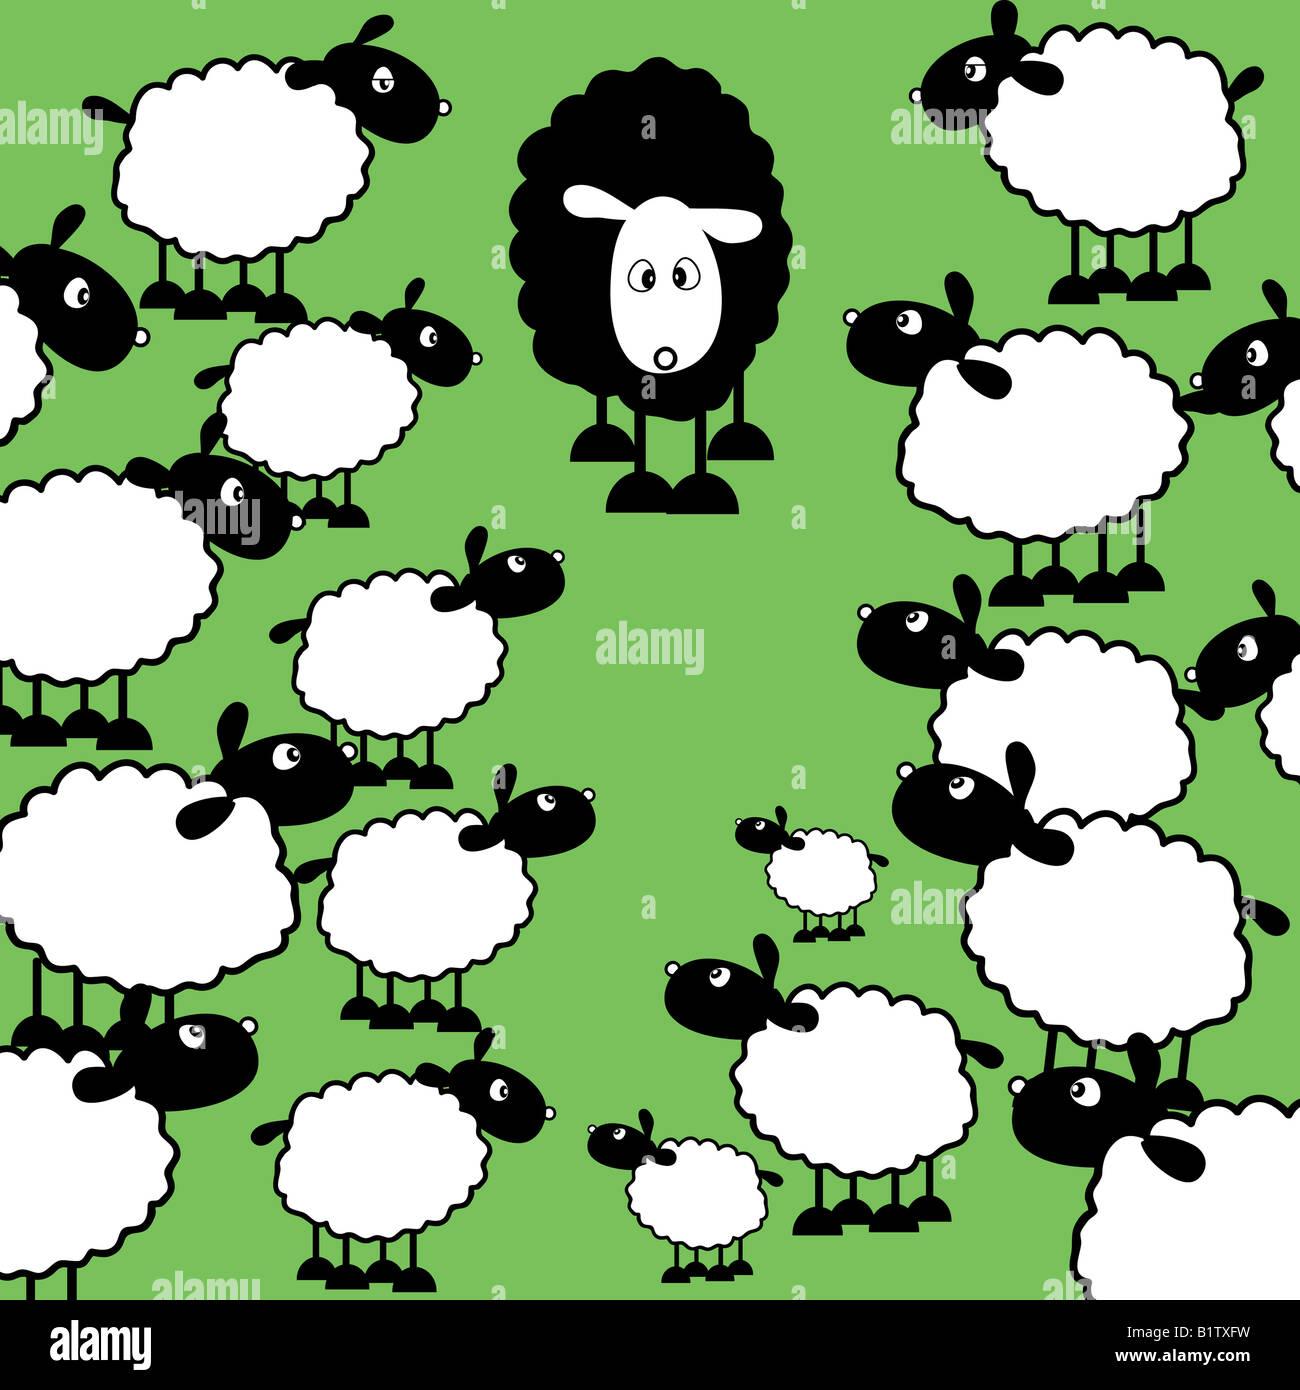 Ein schwarzes Schaf unter viele weiße Schafe Stockbild